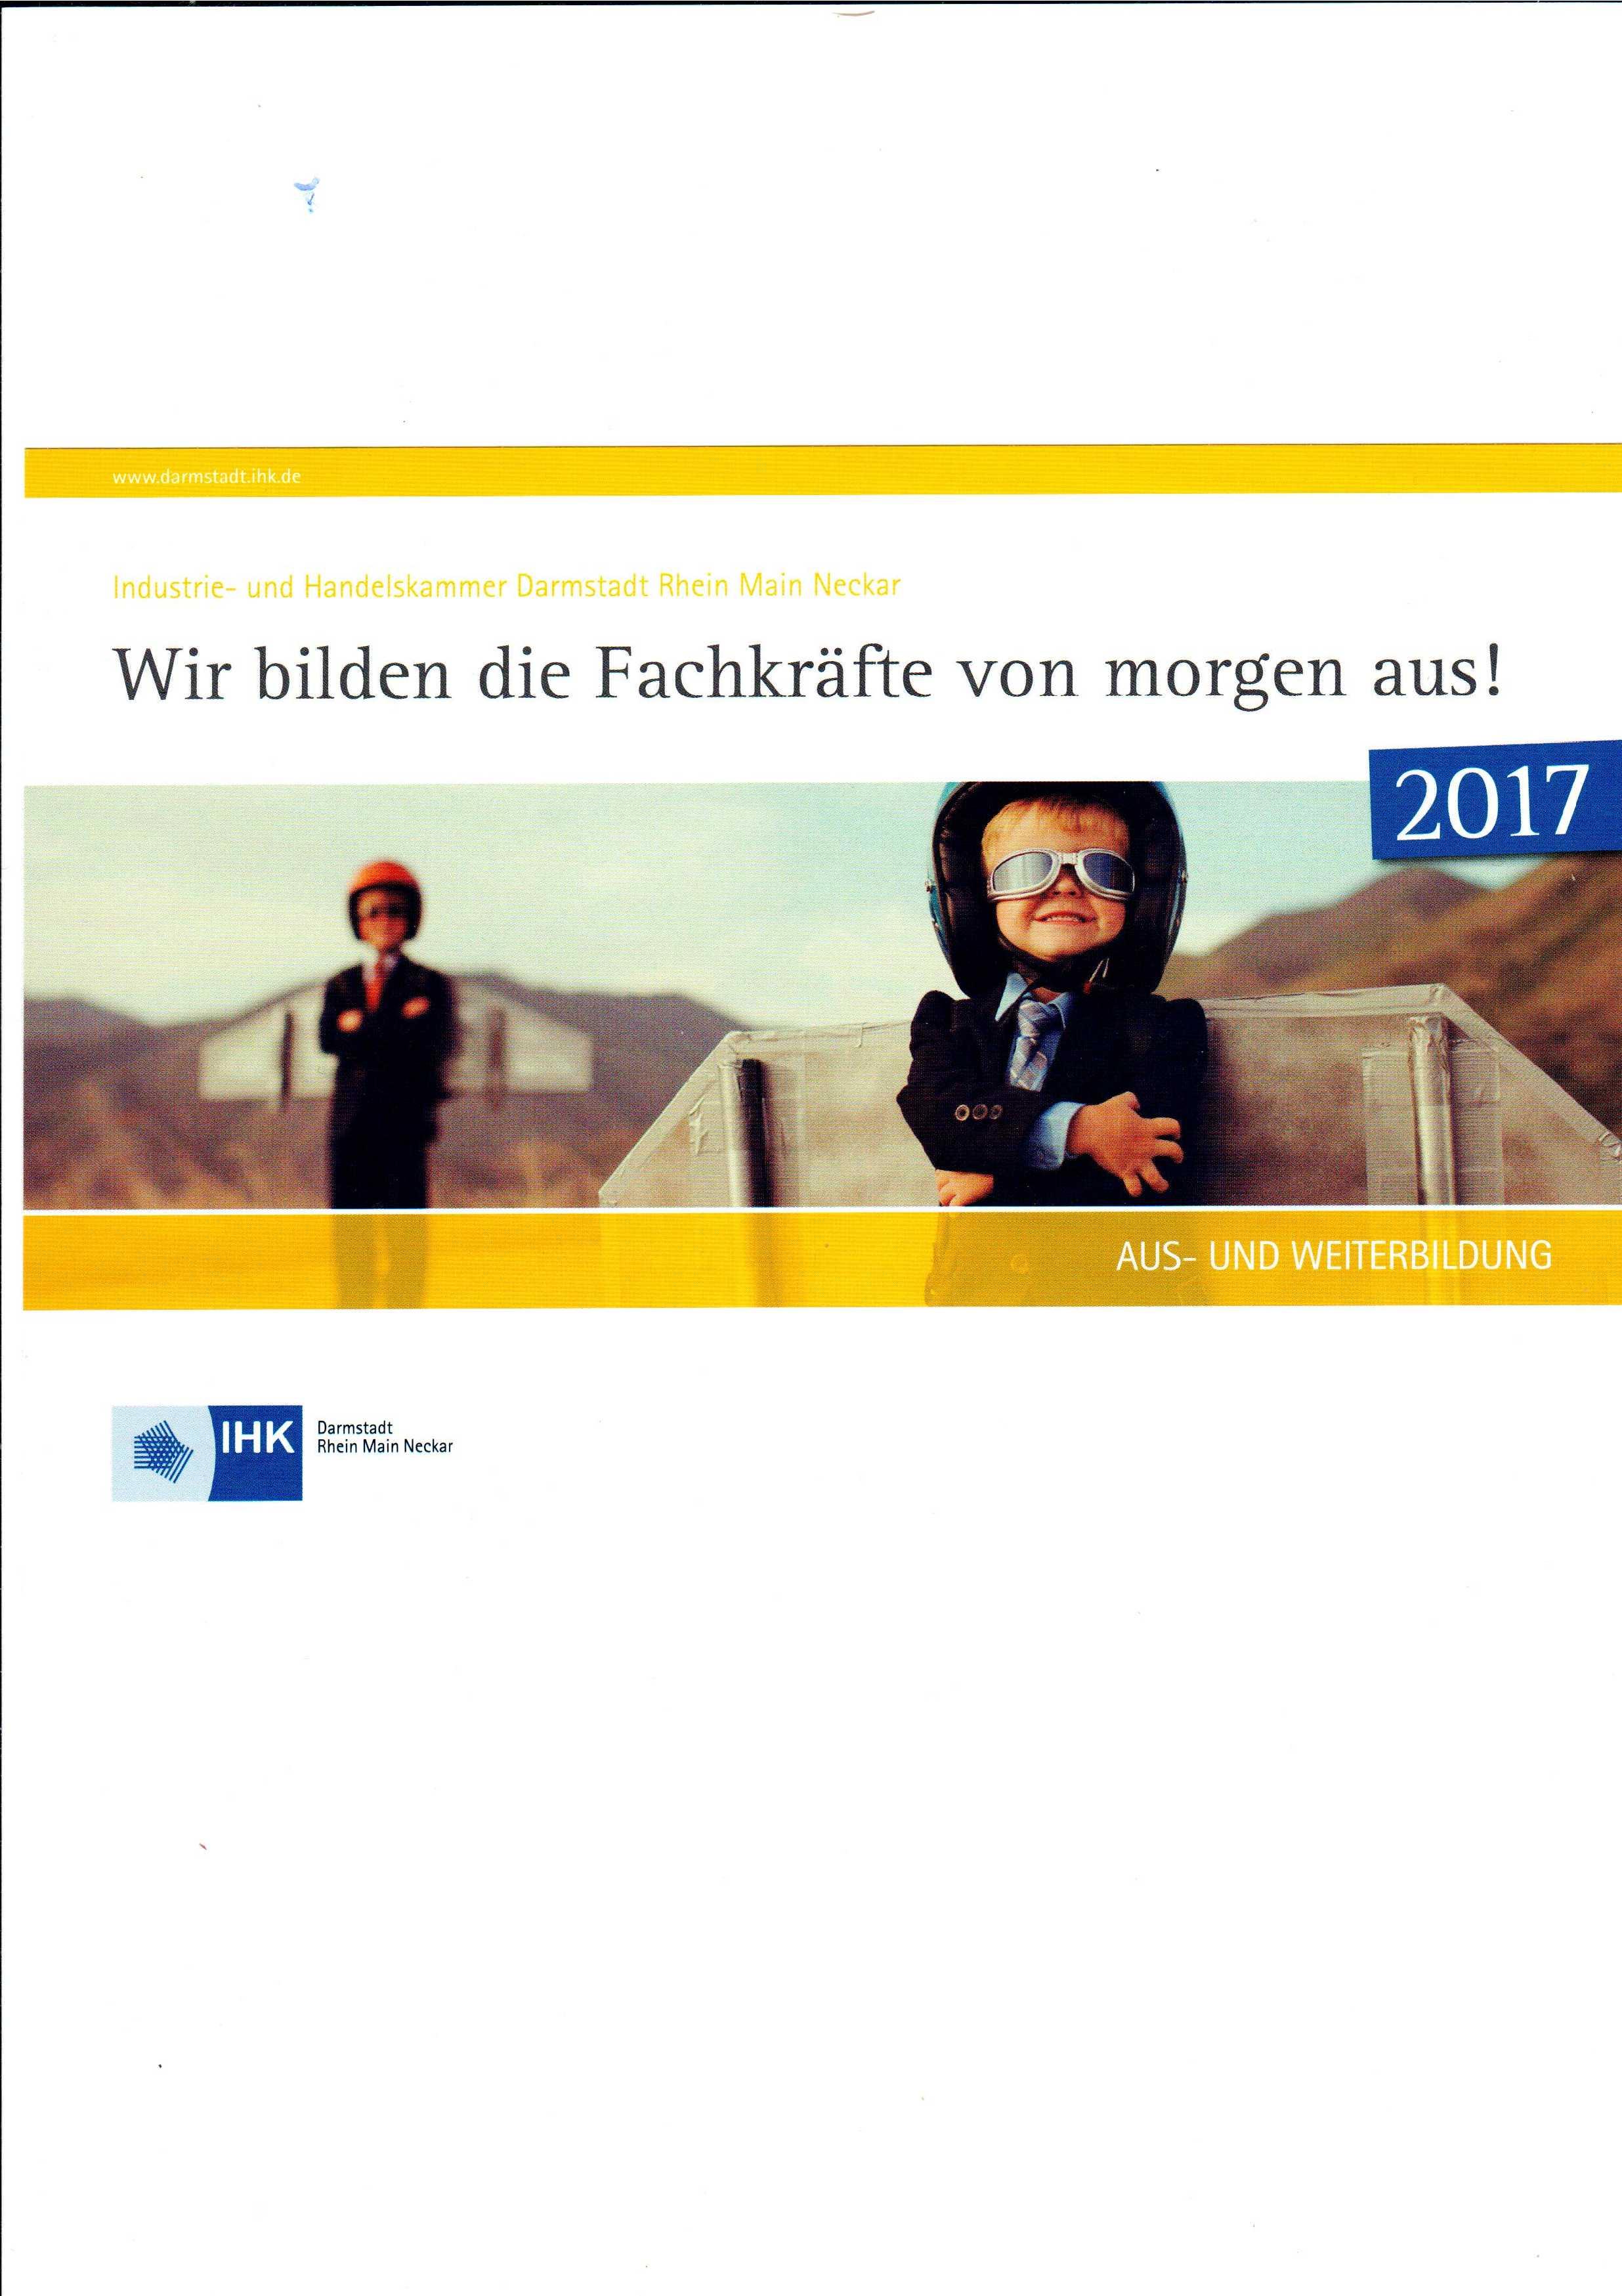 Ausbildungsbetrieb 2017 Aufkleber